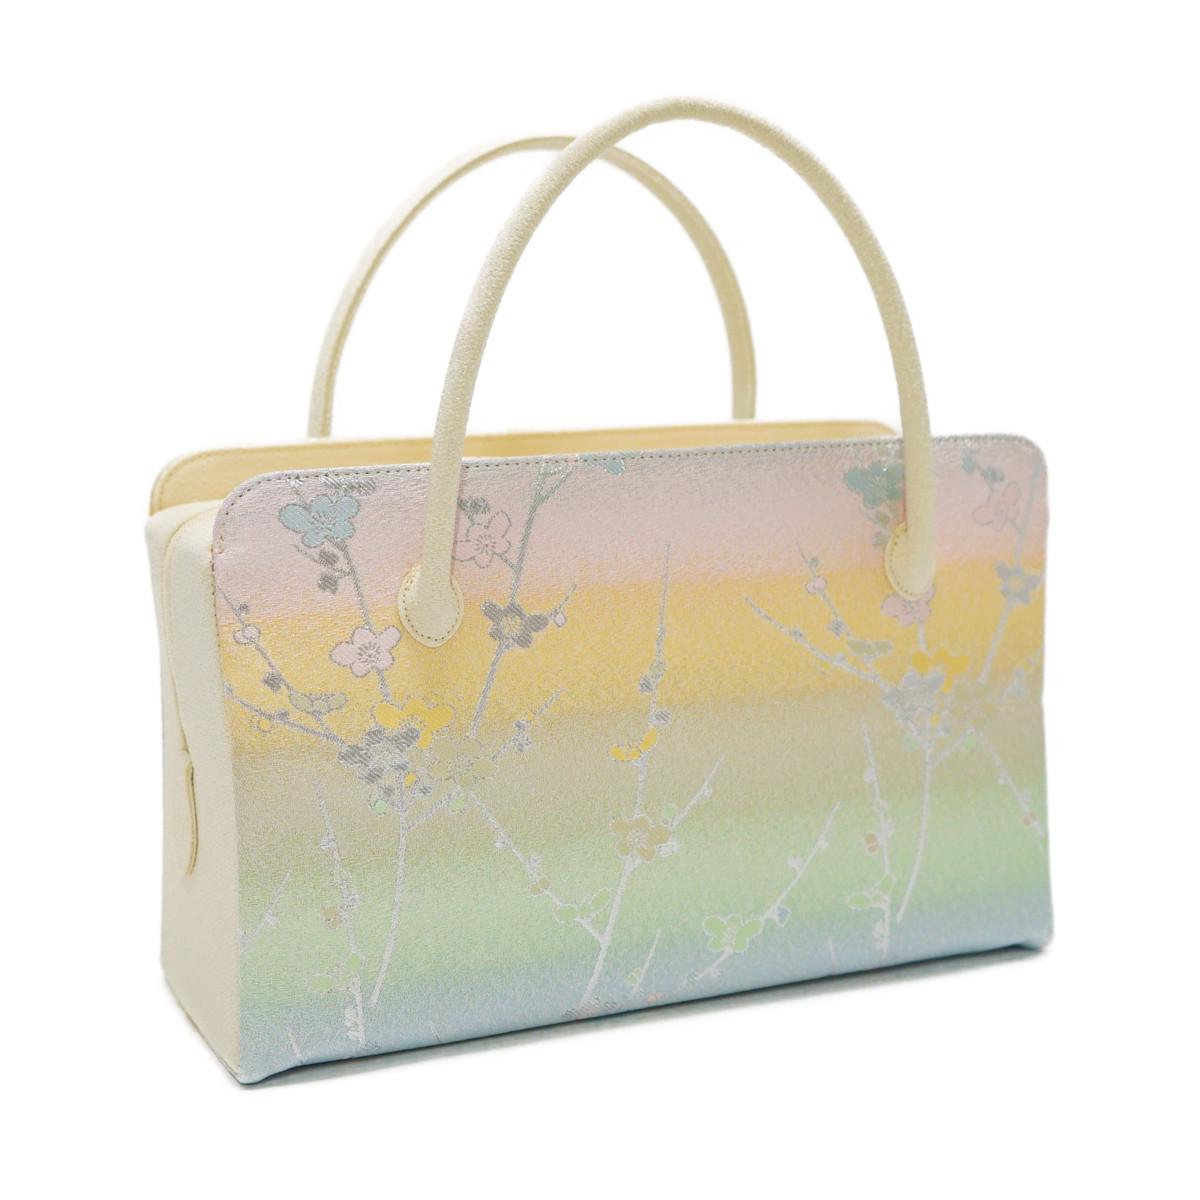 和装バッグ 利休バッグ金襴織物 梅